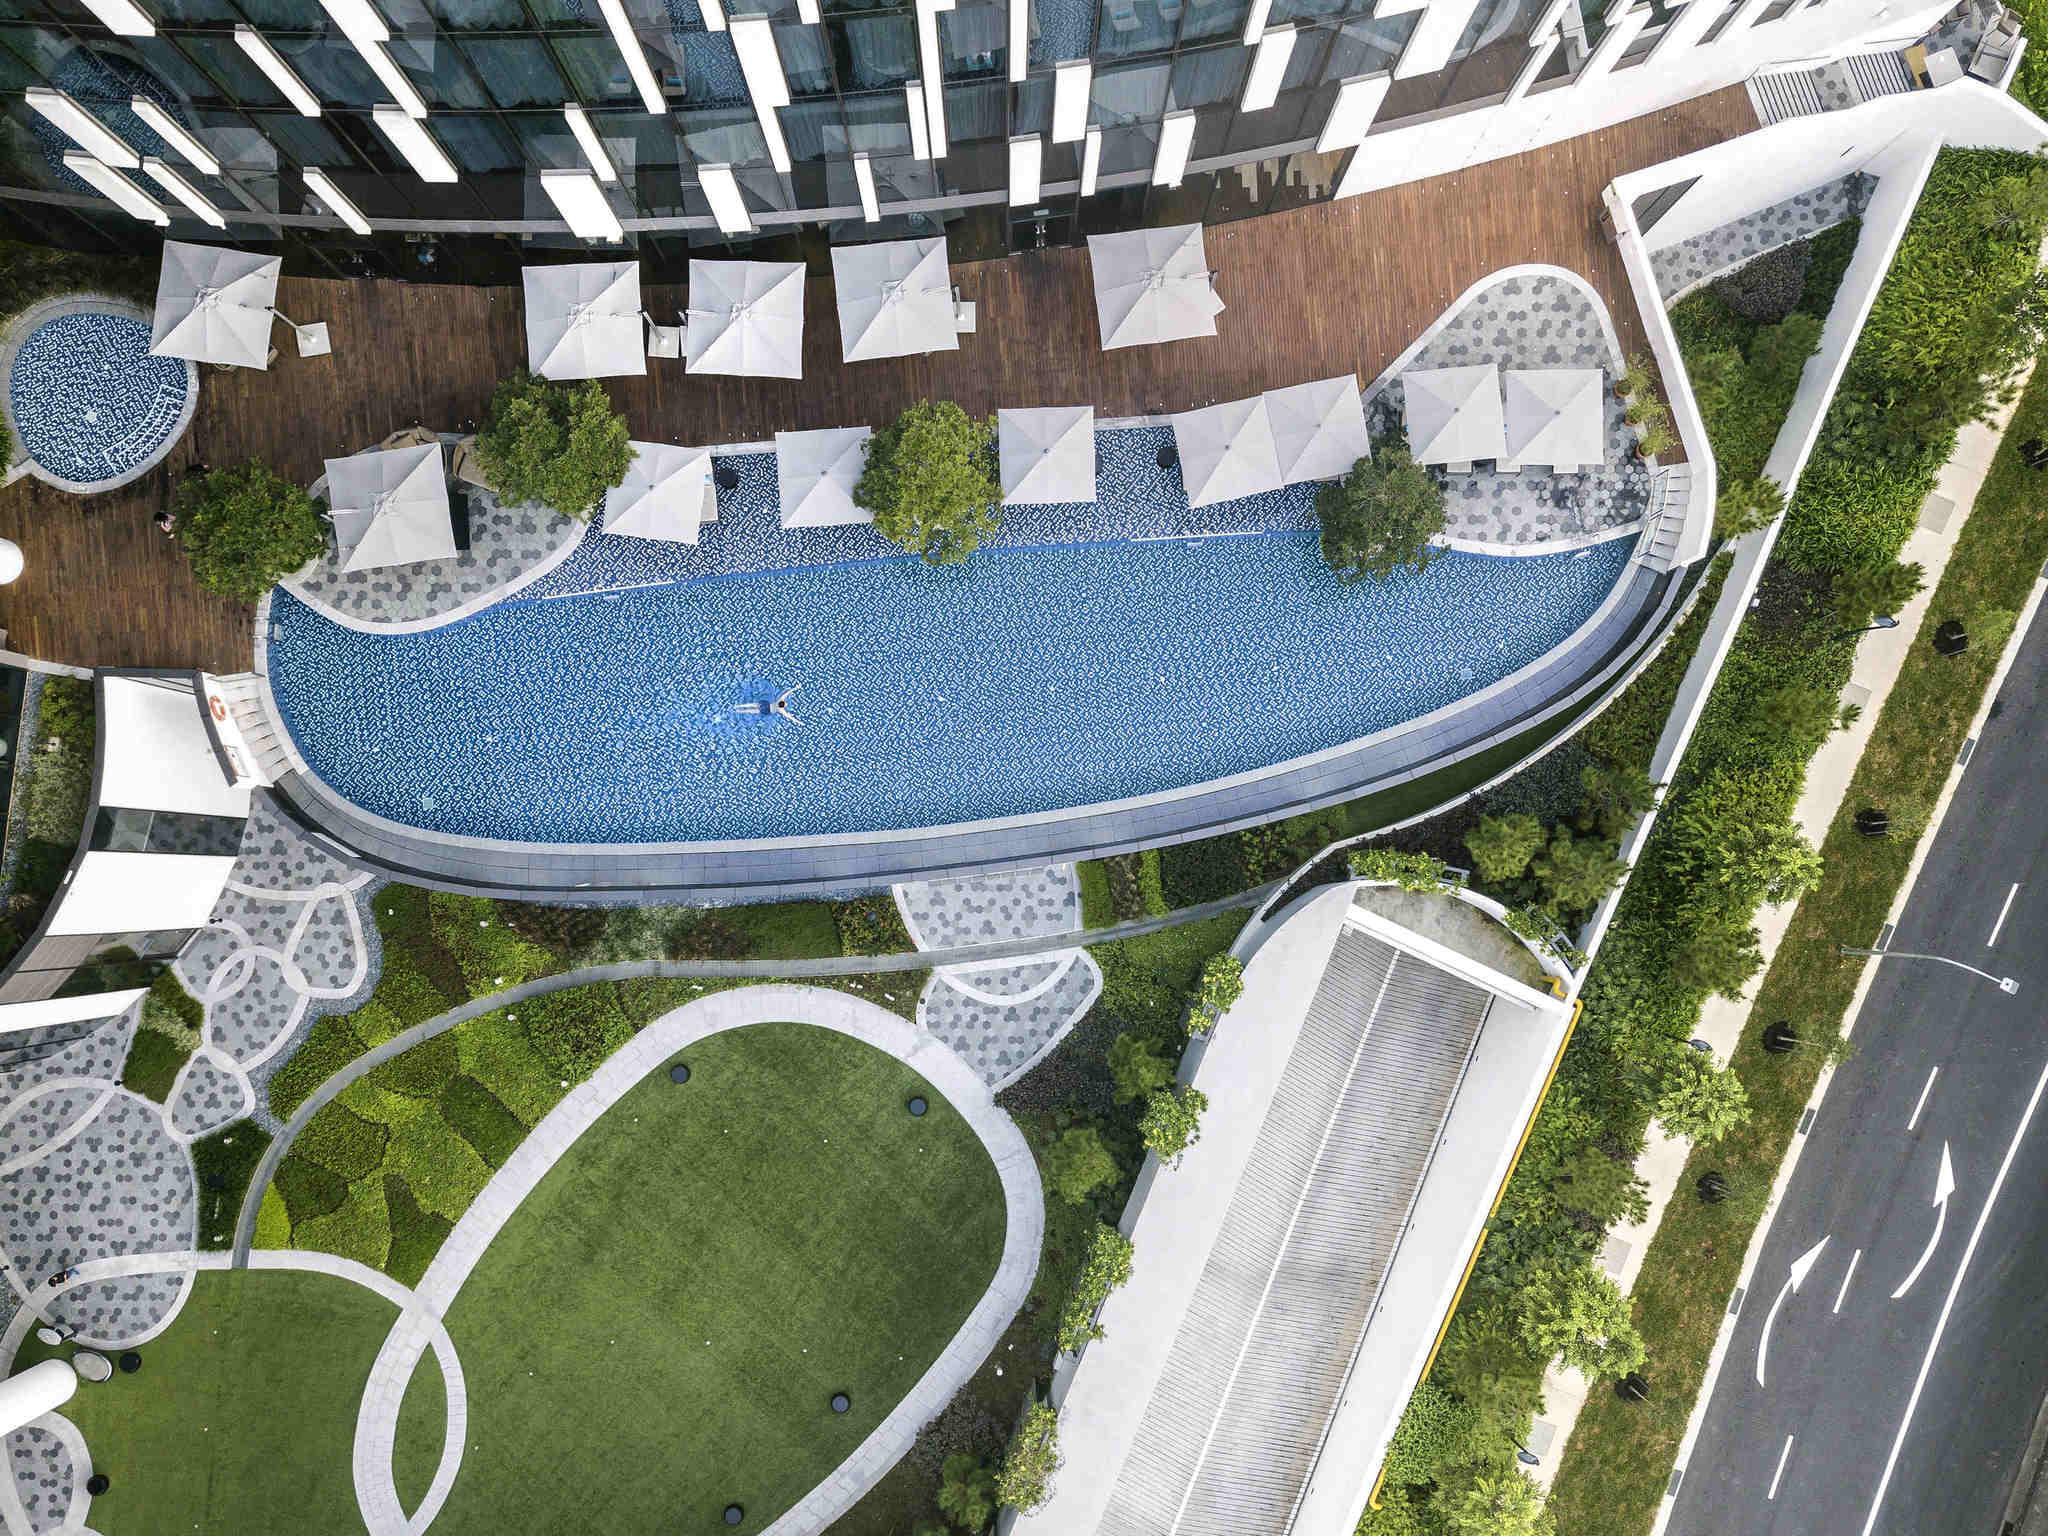 โรงแรม – โนโวเทล สิงคโปร์ ออน สตีเวนส์